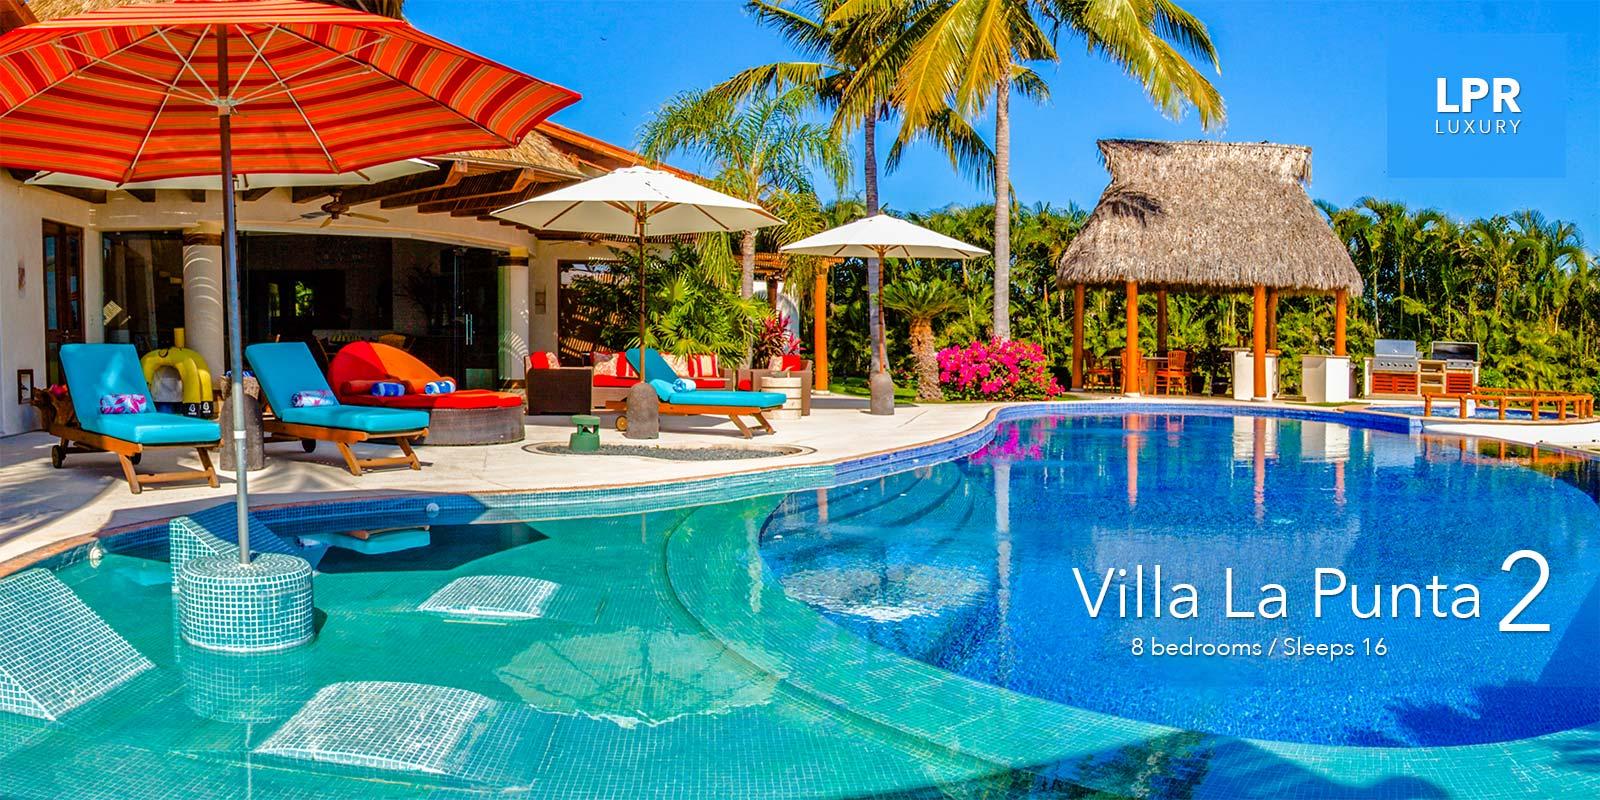 Villa La Punta 2 - Luxury Punta Mita Resort Real Estate for Sale - North of Puerto Vallarta, Mexico